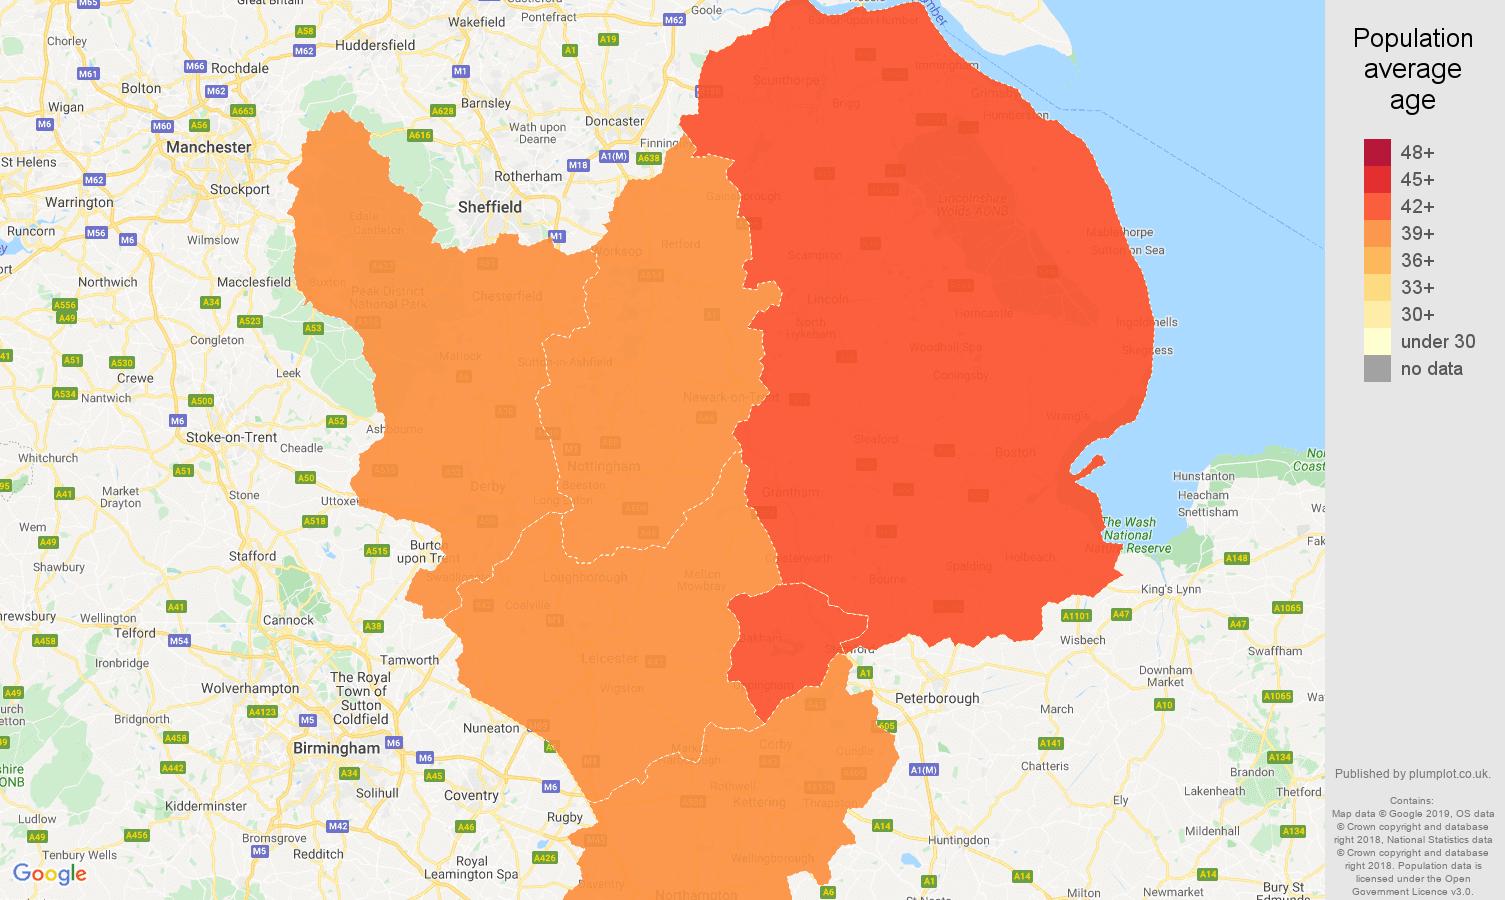 East Midlands population average age map